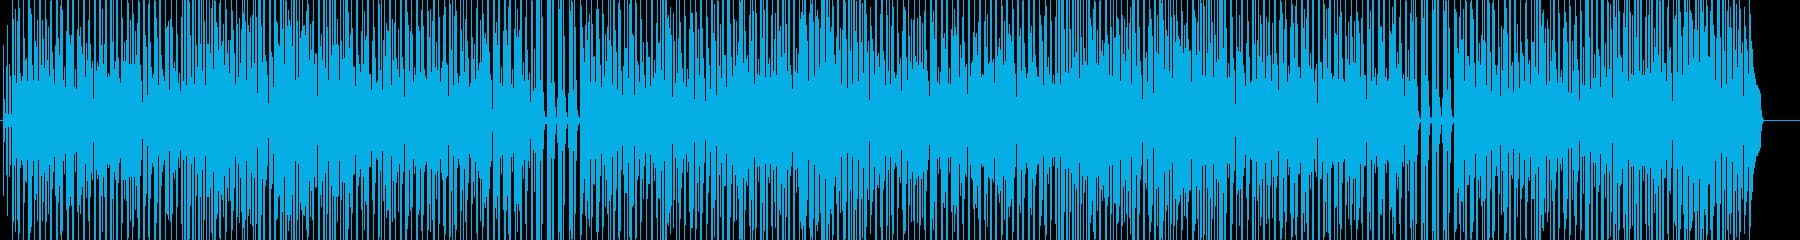 かわいい★スウィングバンド-ラグタイムの再生済みの波形